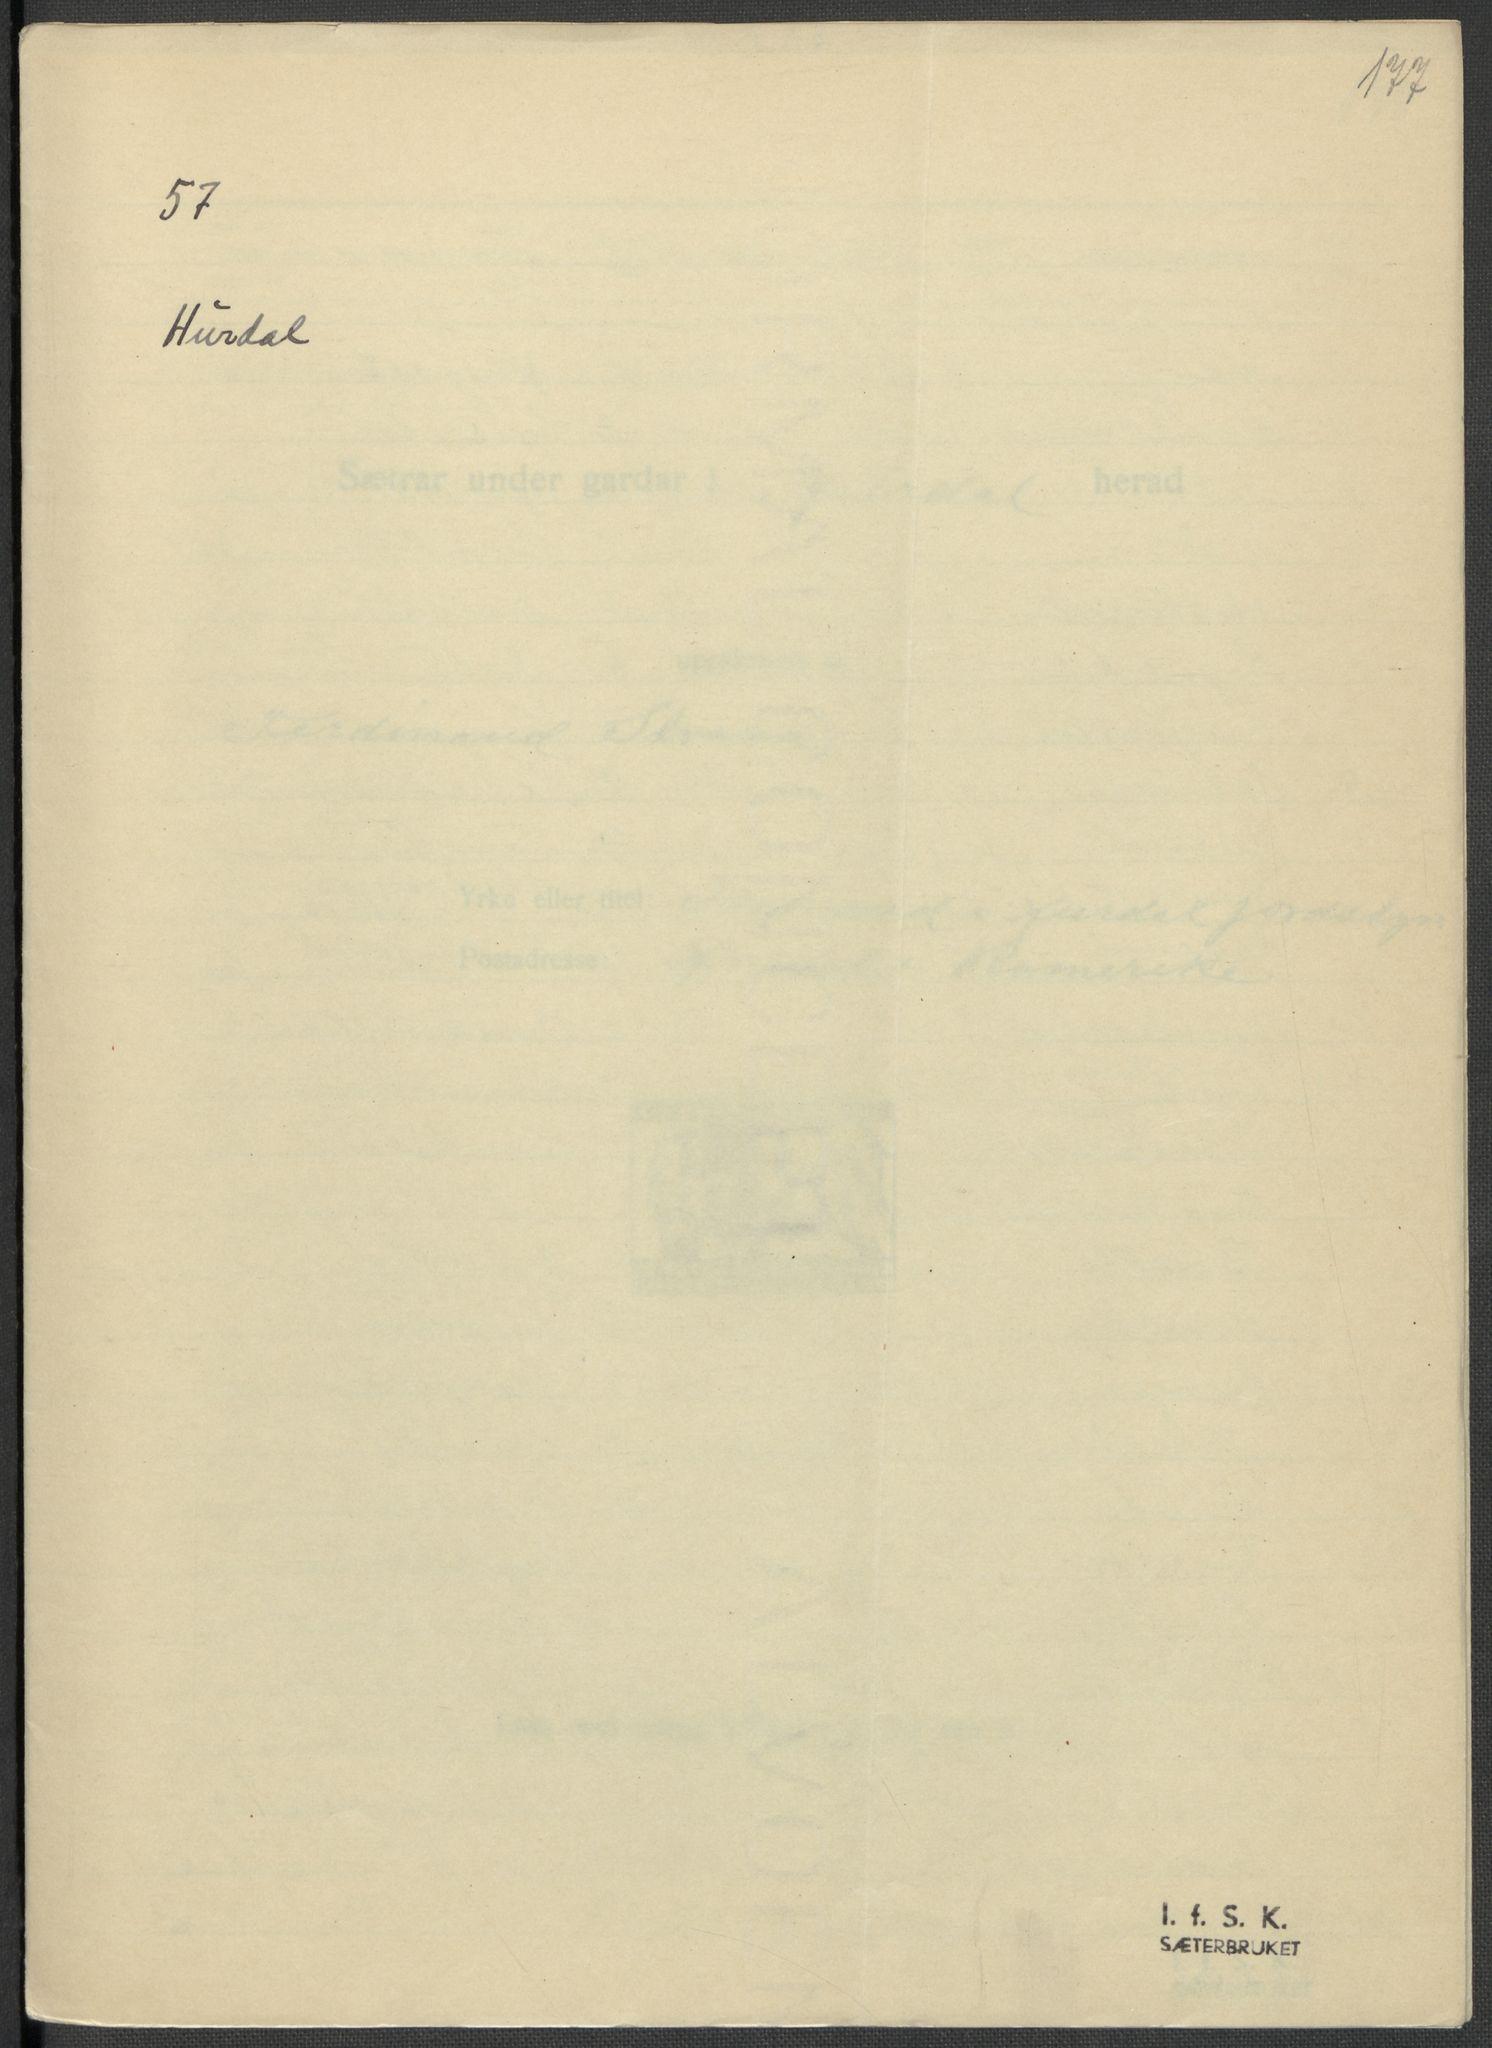 RA, Instituttet for sammenlignende kulturforskning, F/Fc/L0002: Eske B2:, 1932-1936, s. 177